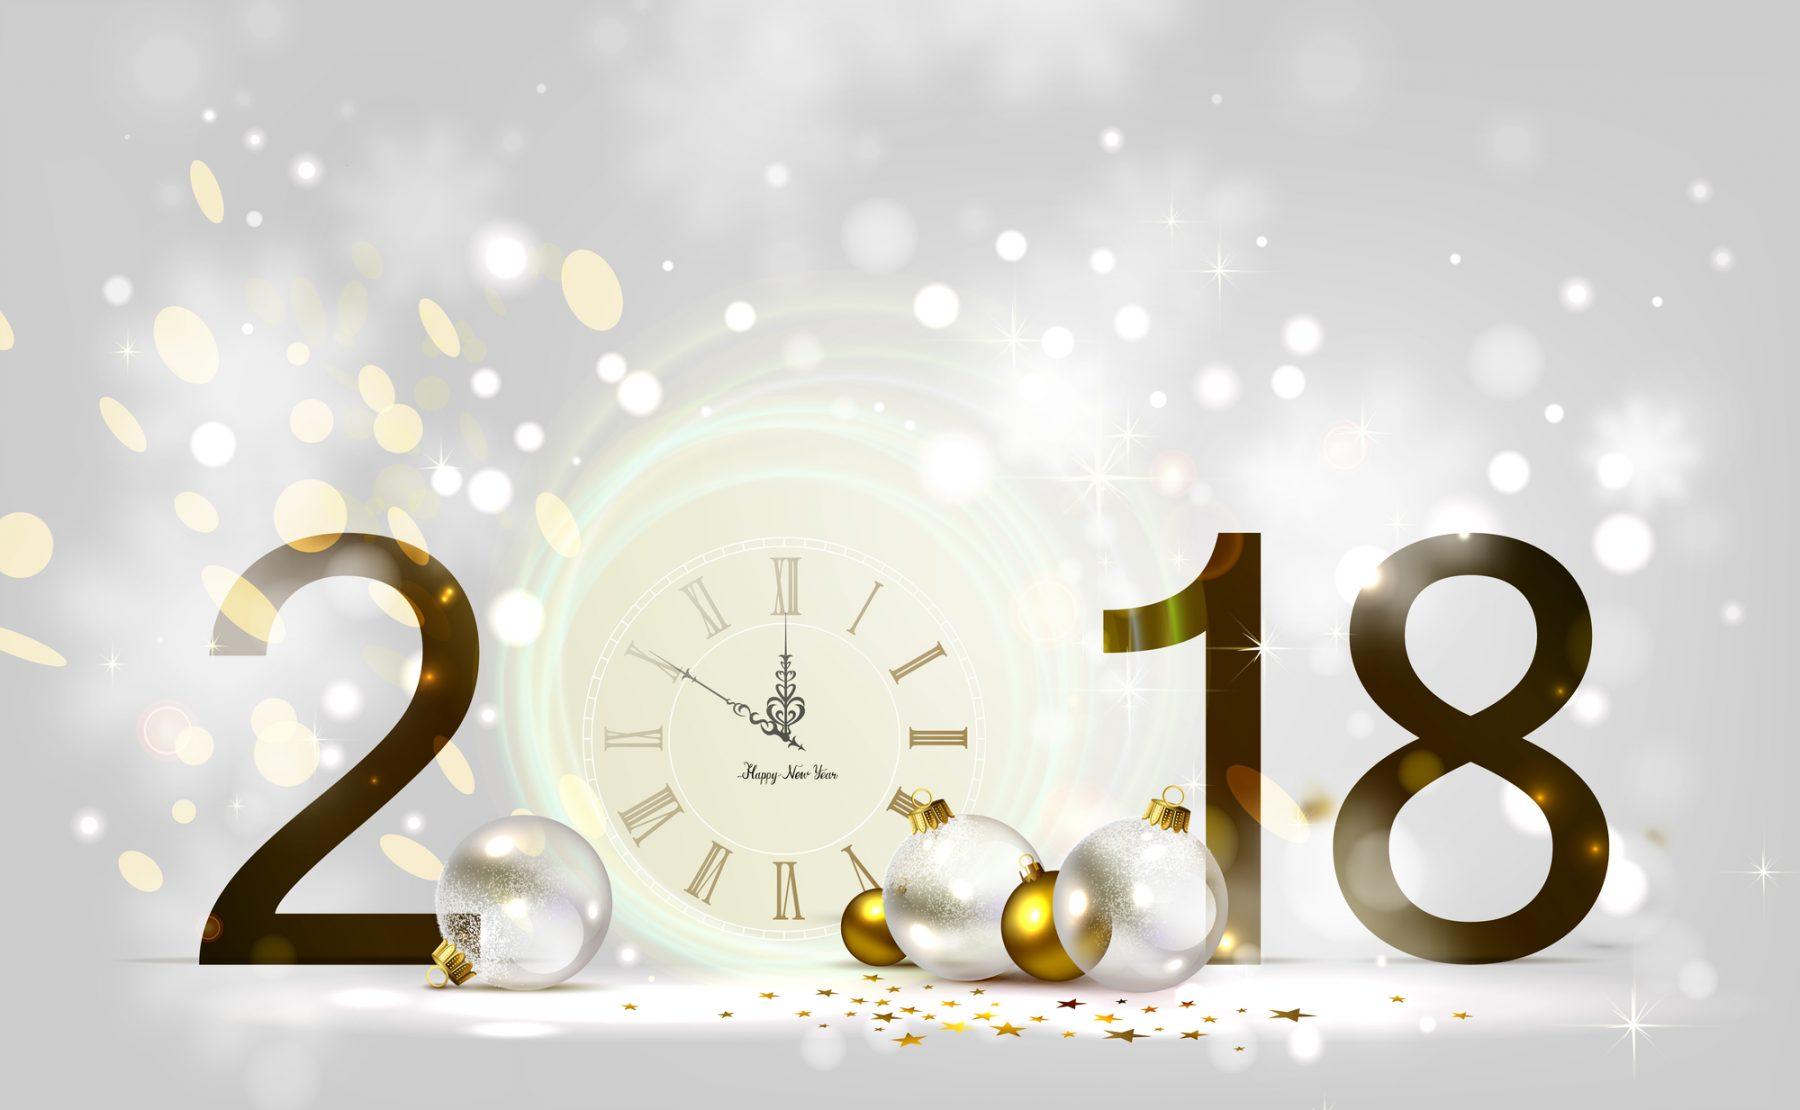 Короткие смс поздравления на Новый год 2019